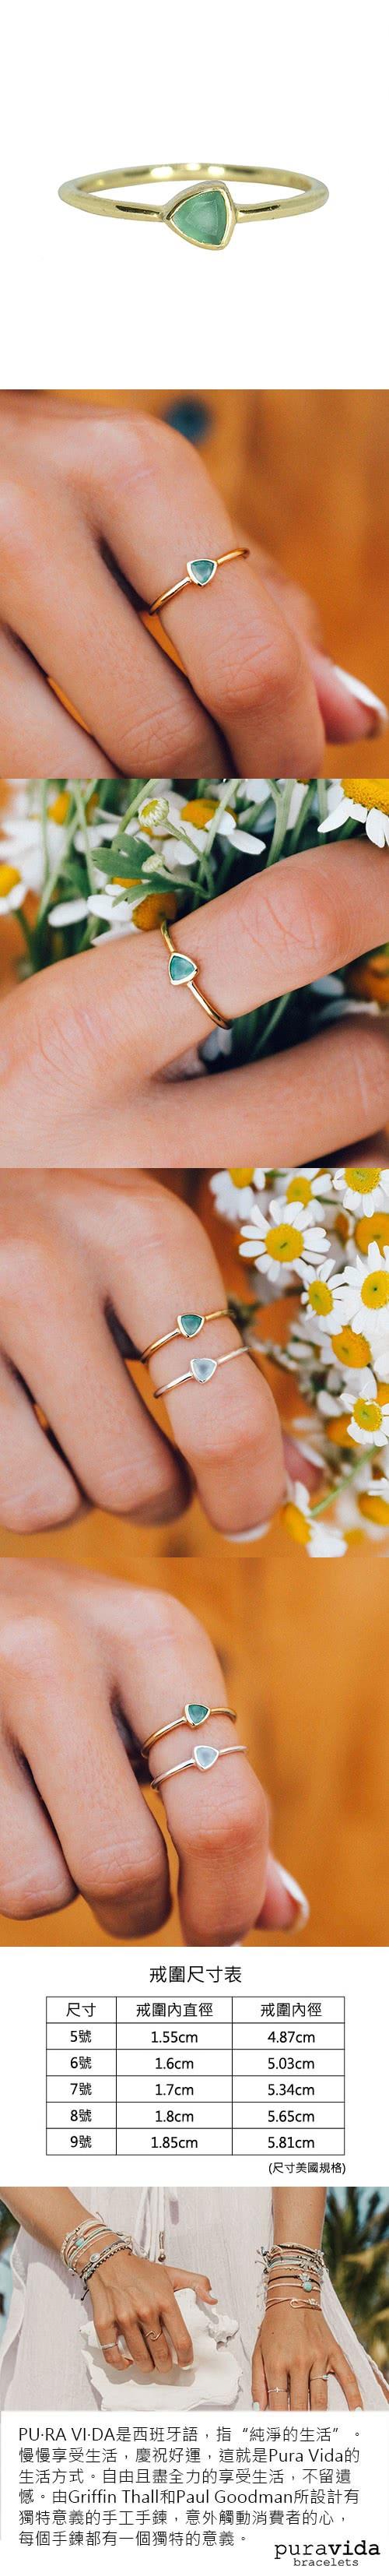 (複製)Pura Vida 美國手工 八角幾何造型金色戒指 3件組